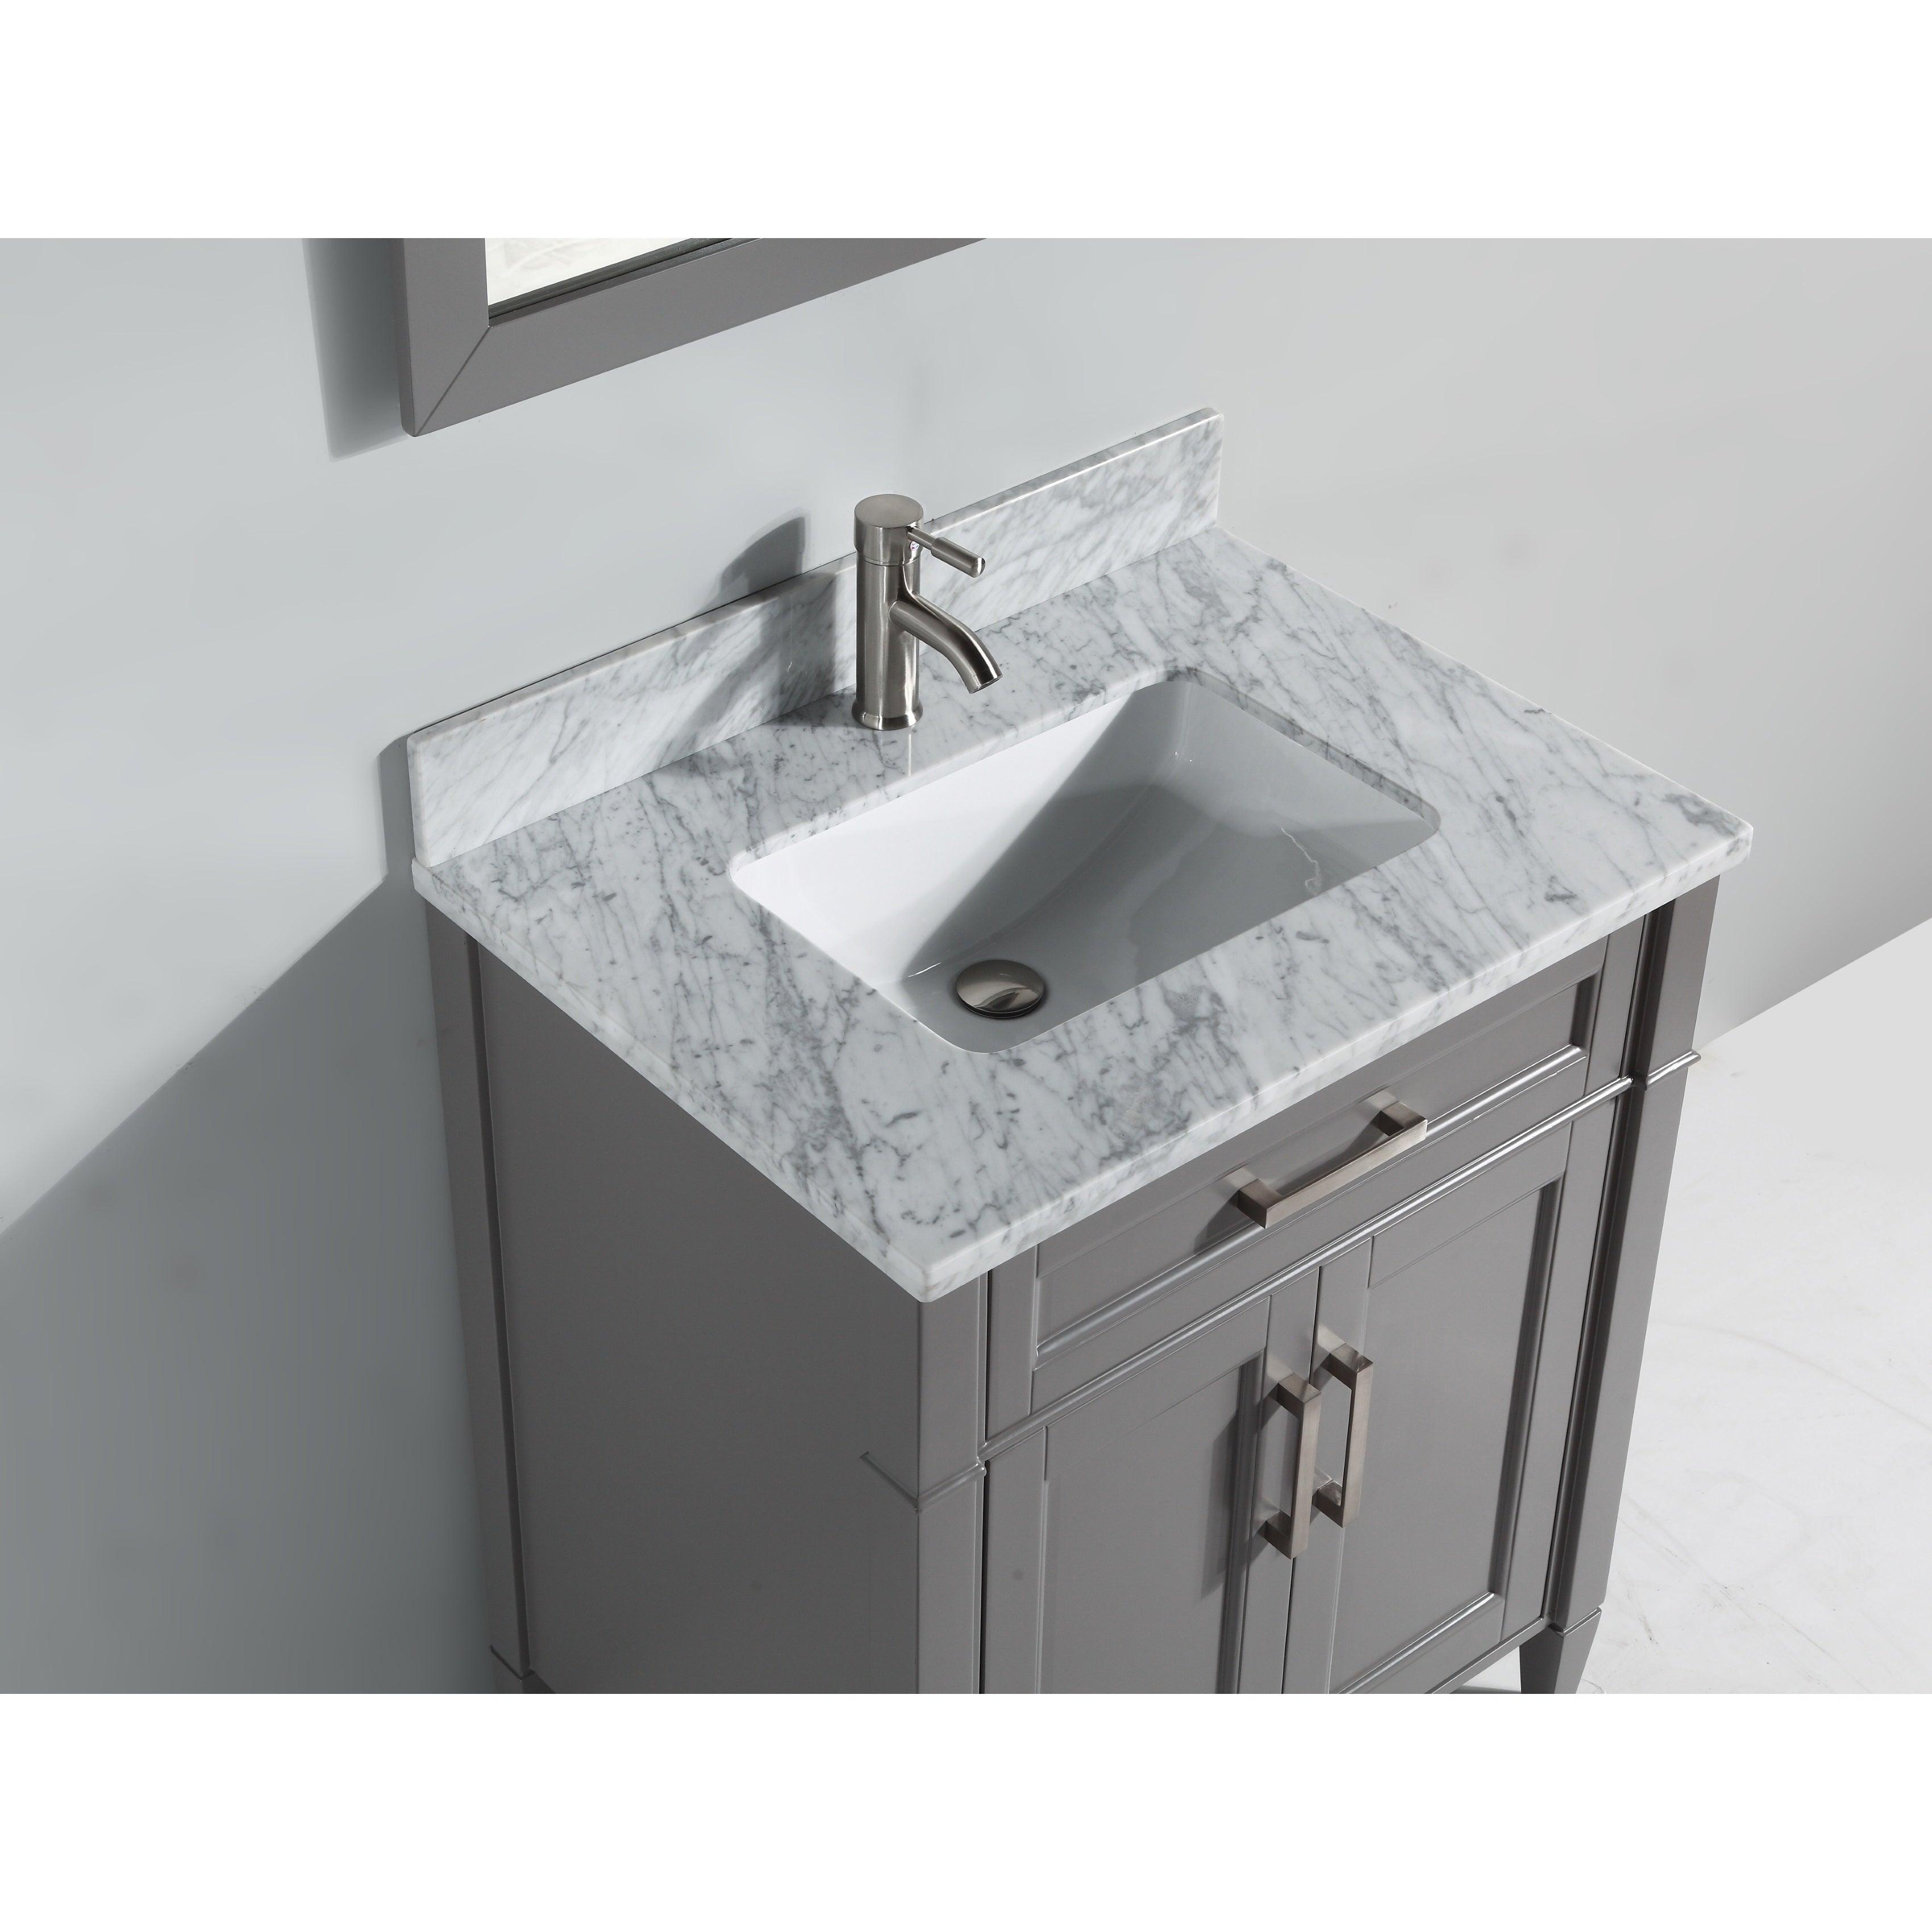 Carrara Marble Bathroom Sink: Vanity Art 30-inch Single Sink Bathroom Vanity Set With